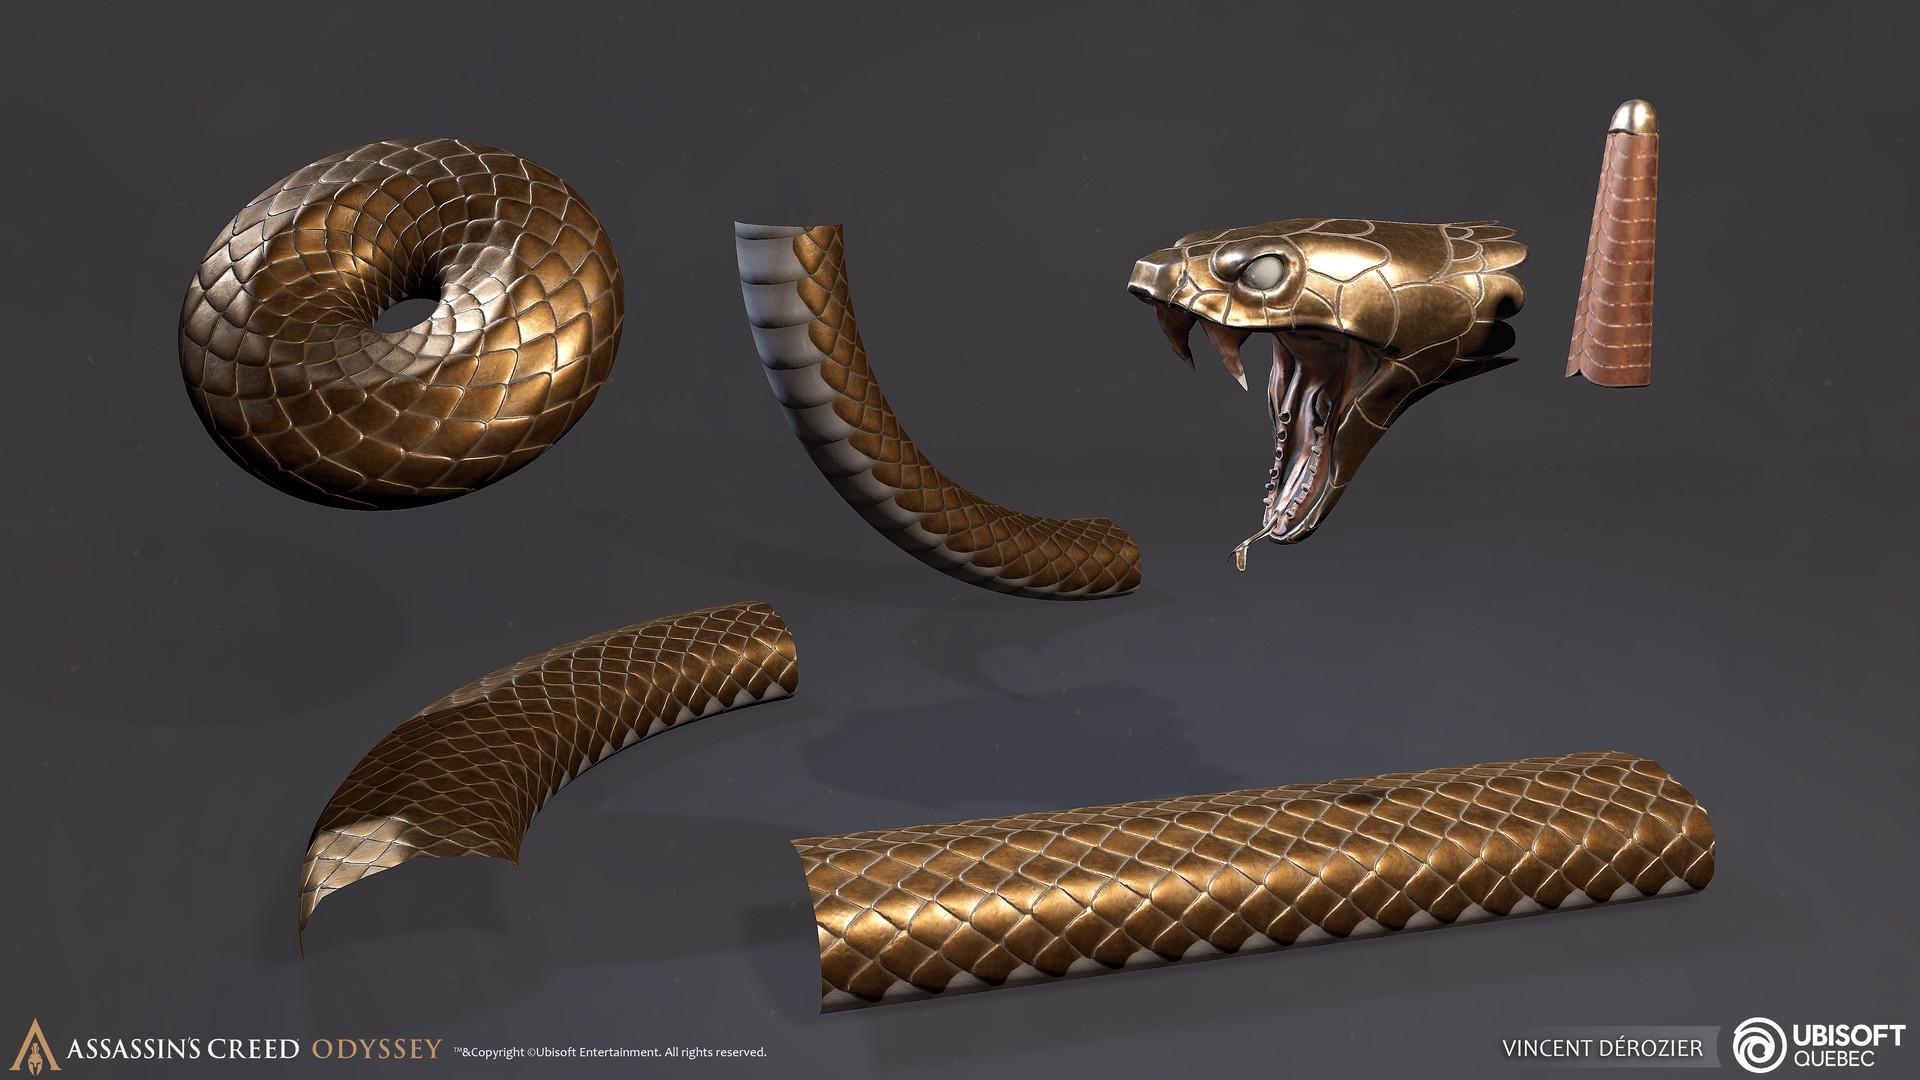 Vincent derozier props snake 3